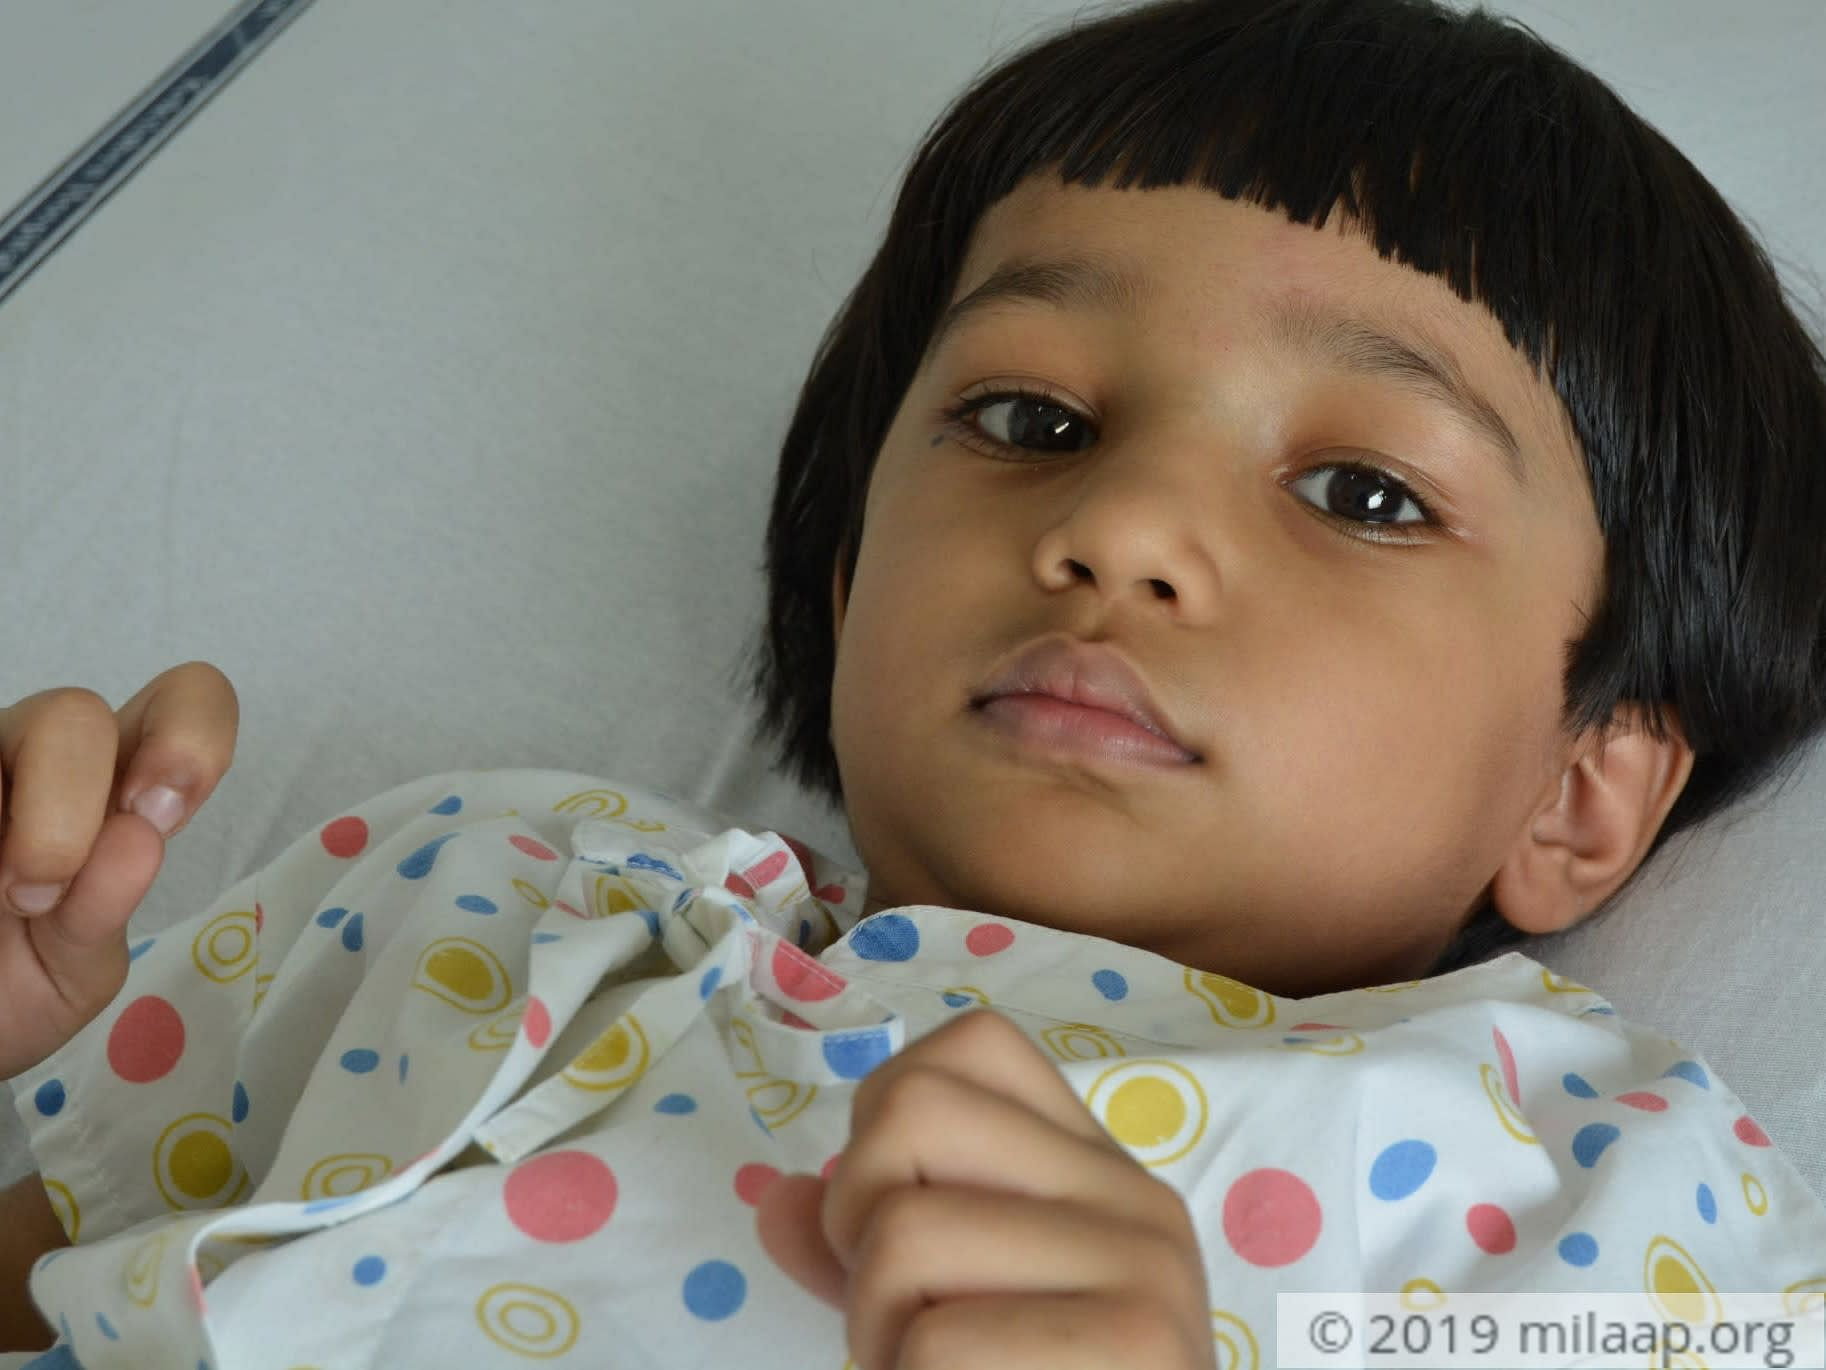 Vaibhavi kokilaben hospital 07 ev21f6 1568125493 dlmshk 1574071215